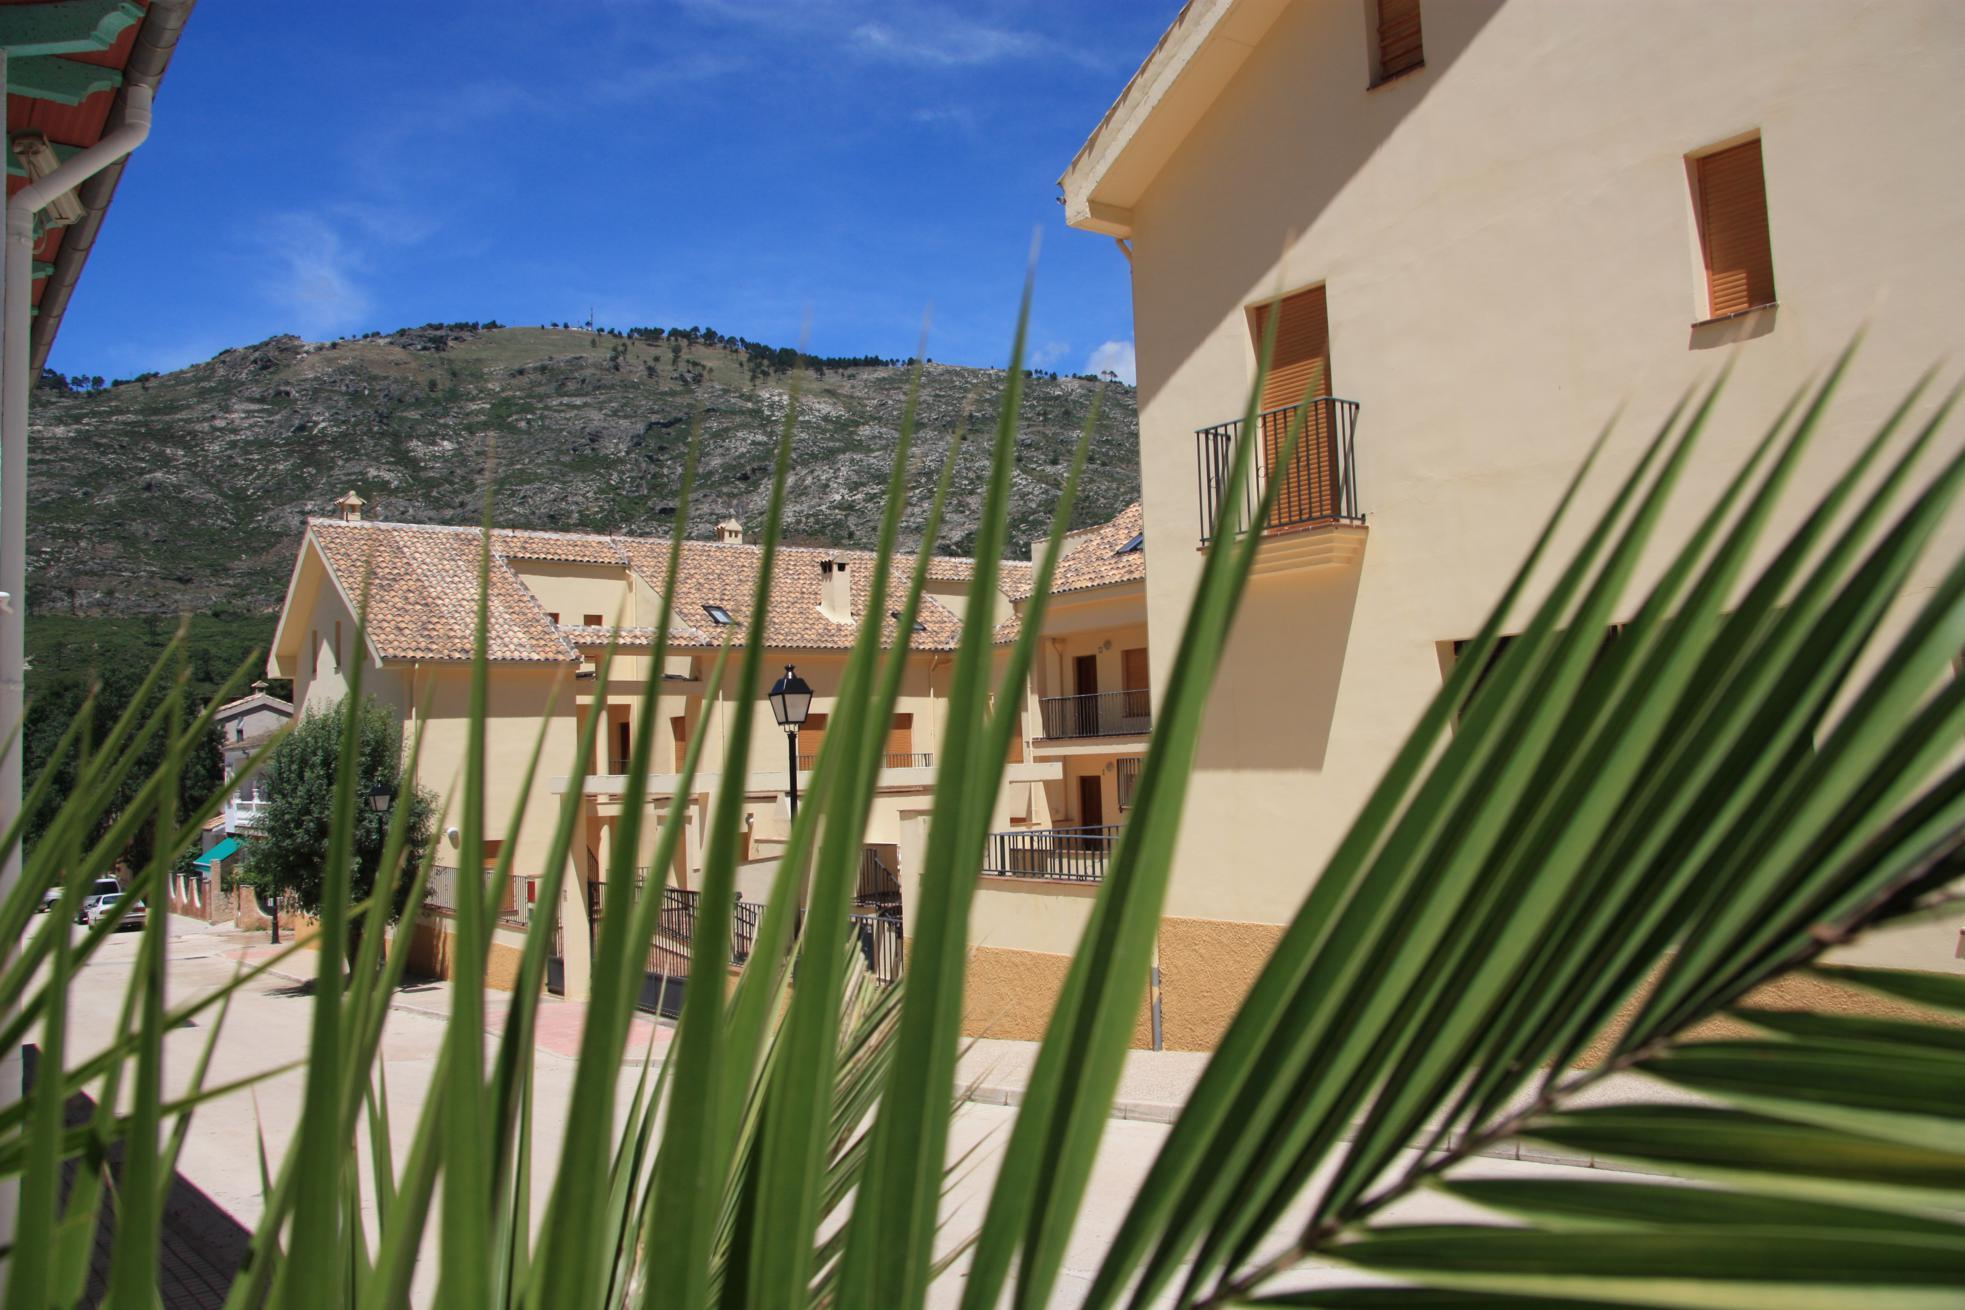 hotel montana cazorla 008_1965x1310